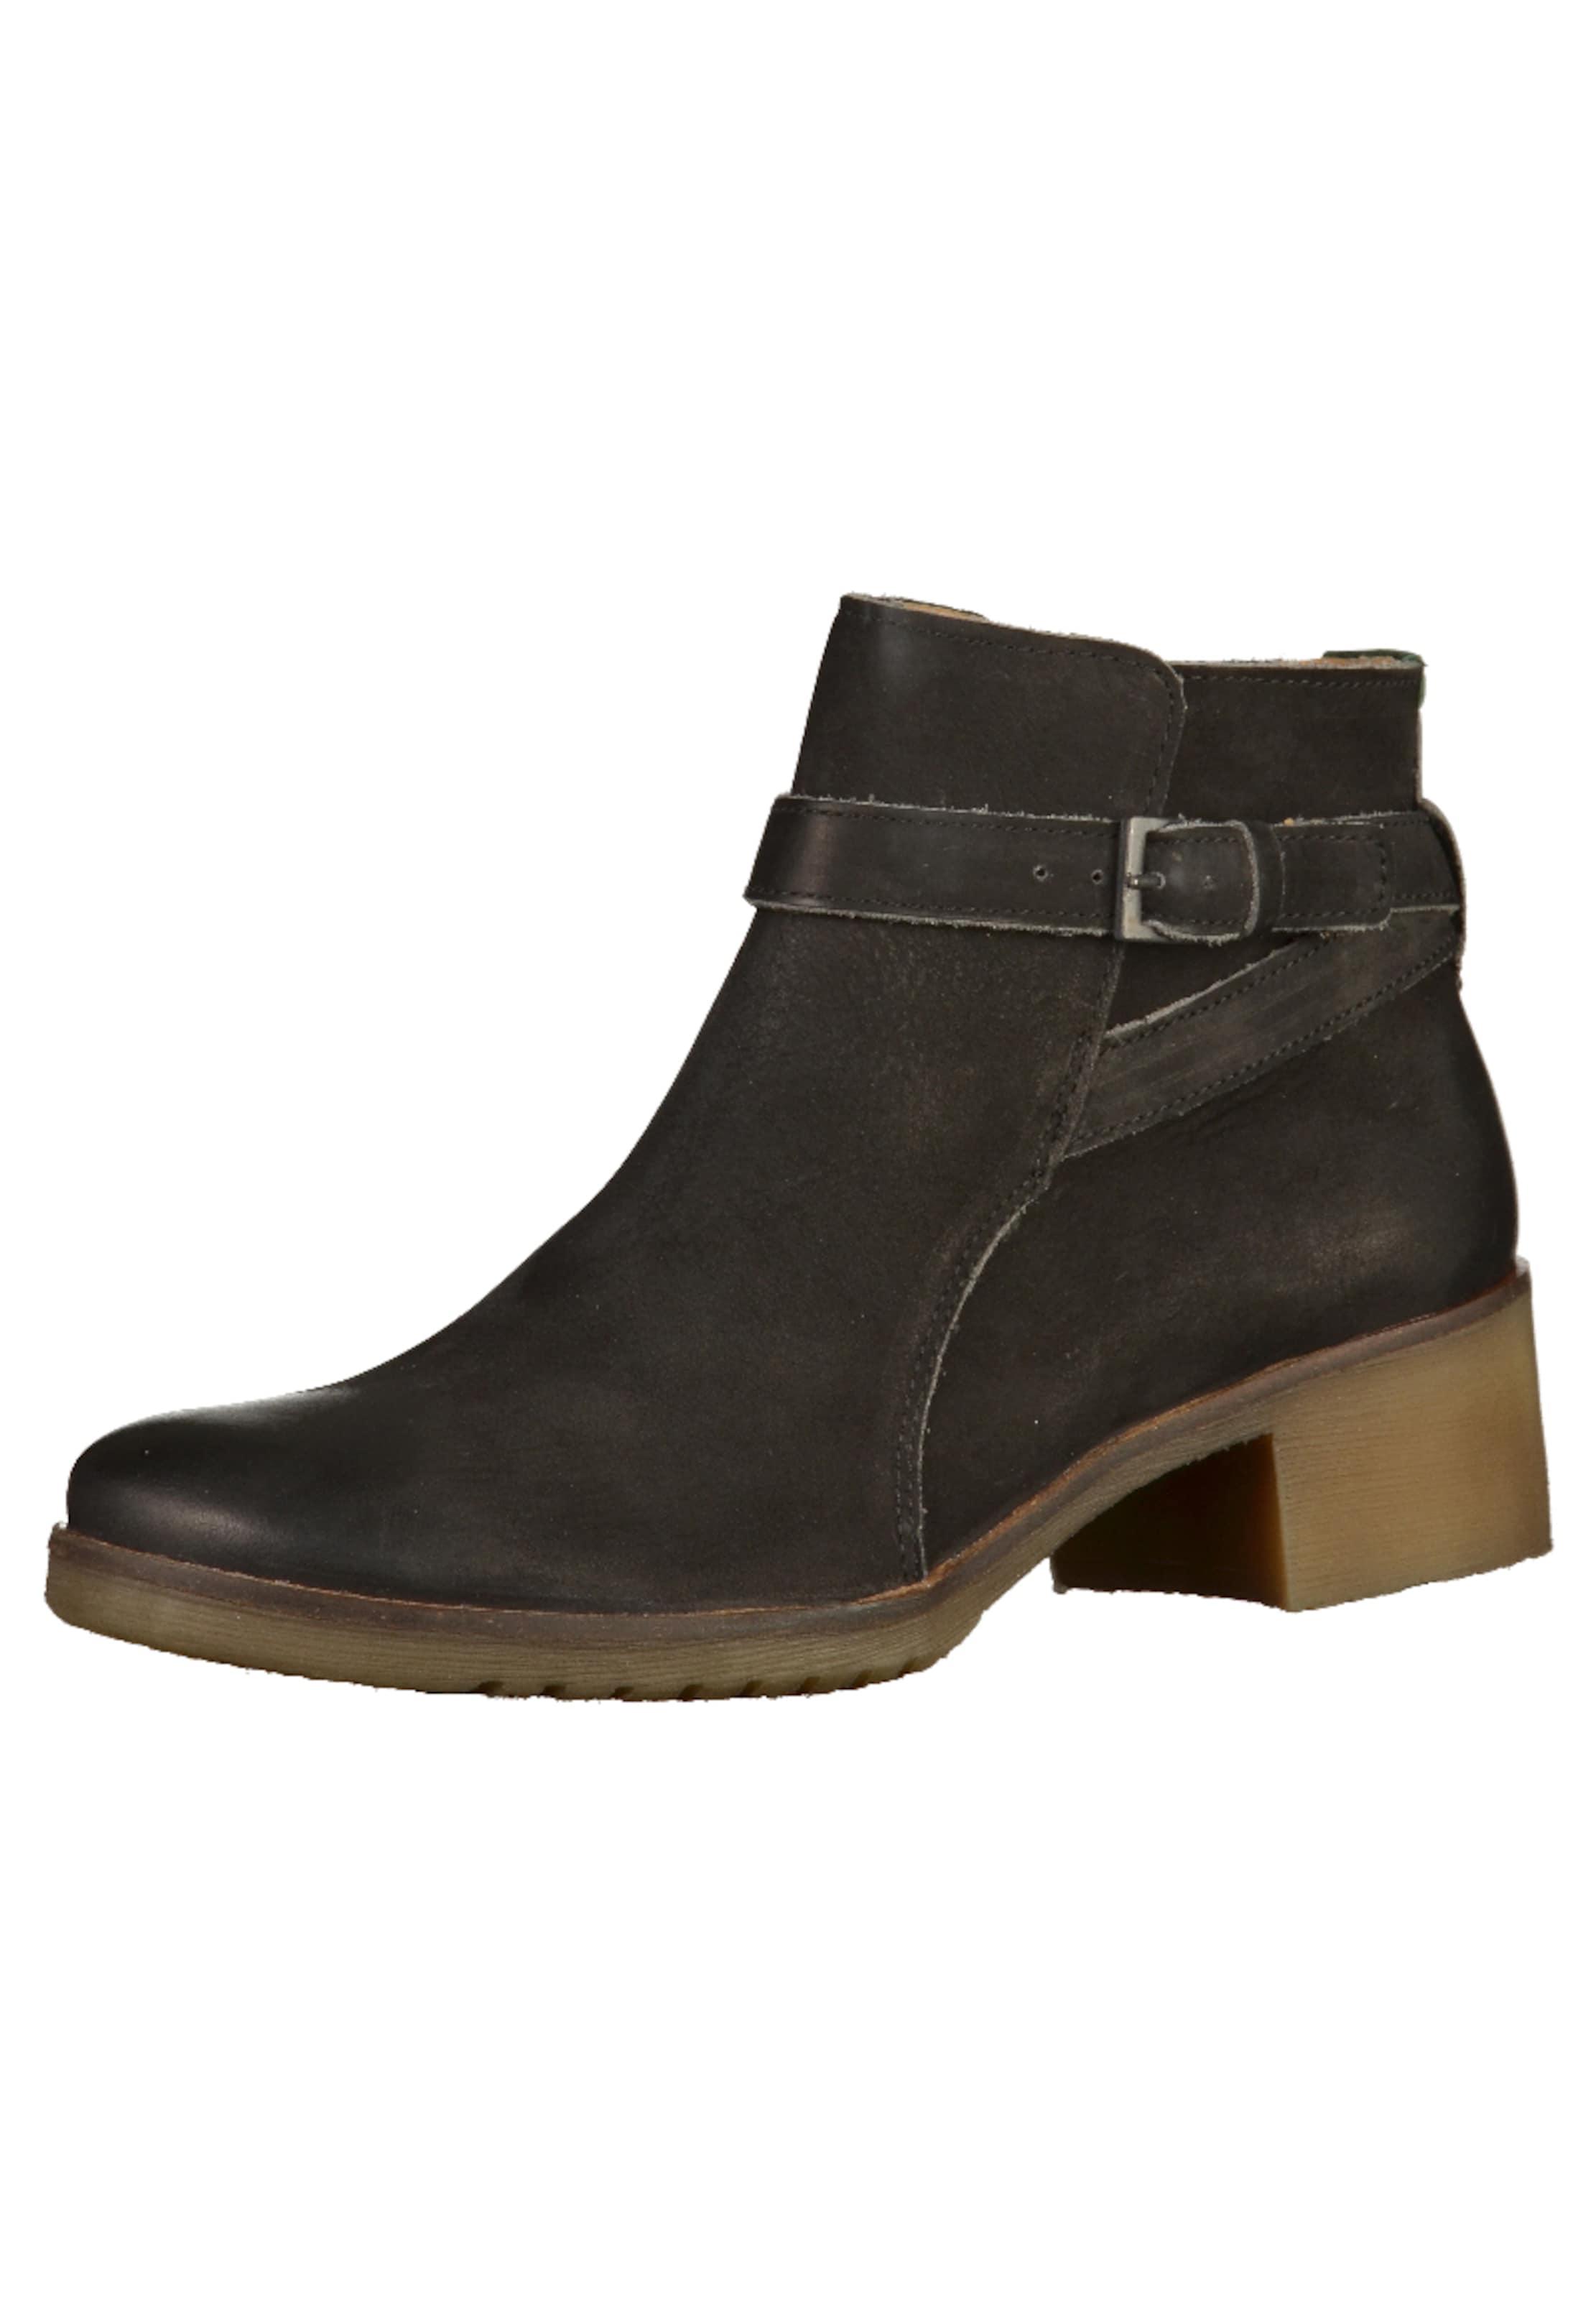 KICKERS Stiefelette Günstige und langlebige Schuhe